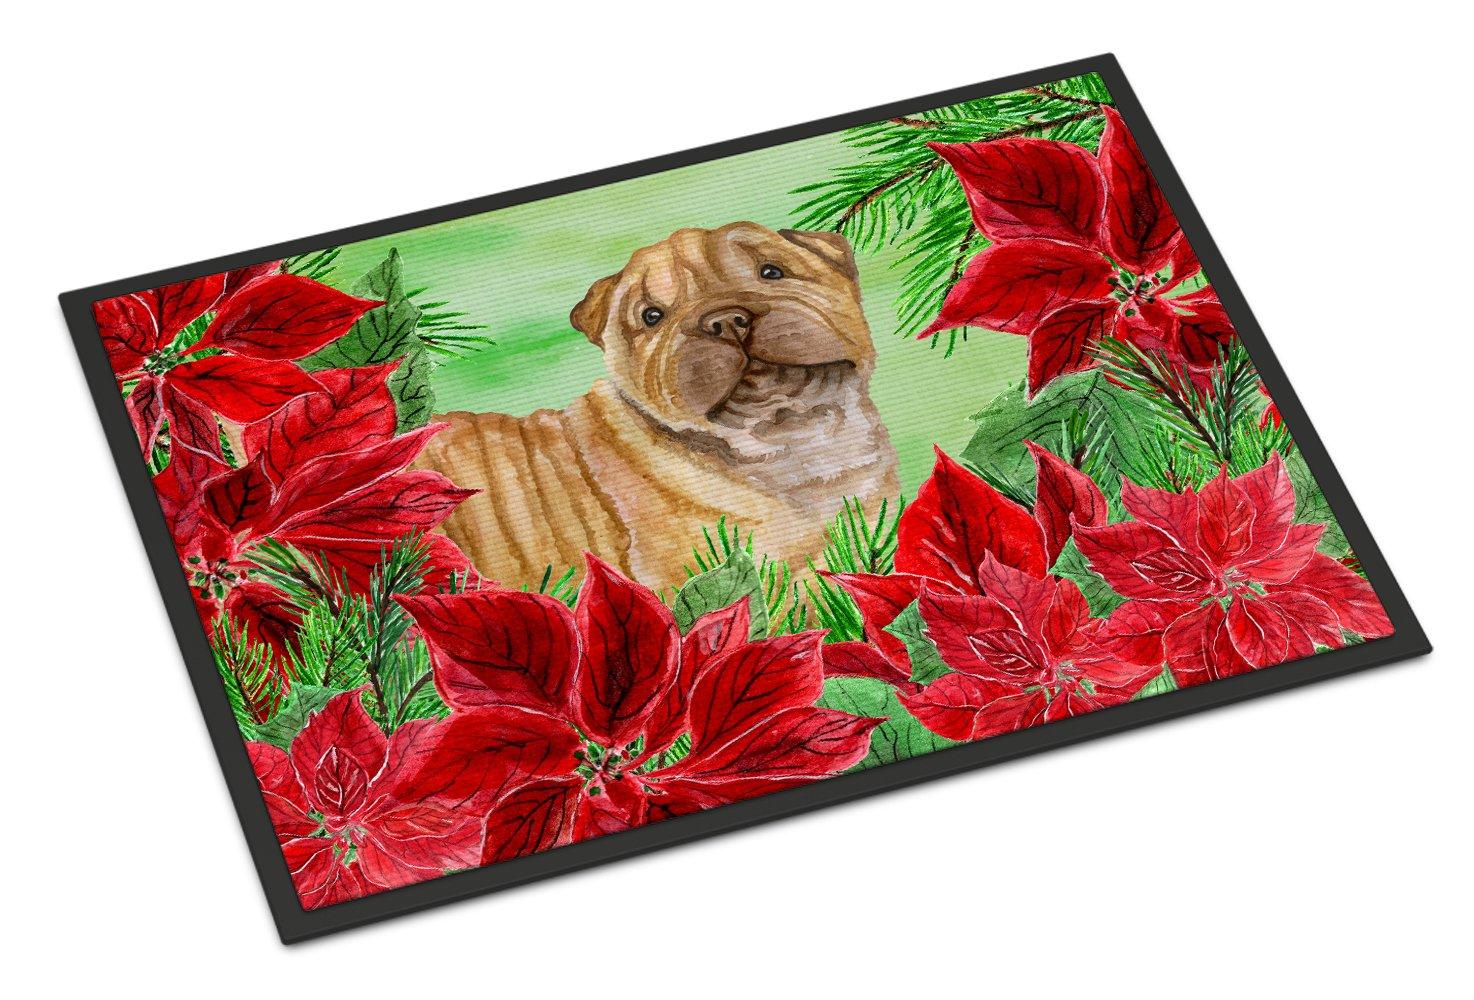 Carolines Treasures Fox Terrier Poinsettias Doormat 24 x 36 Multicolor